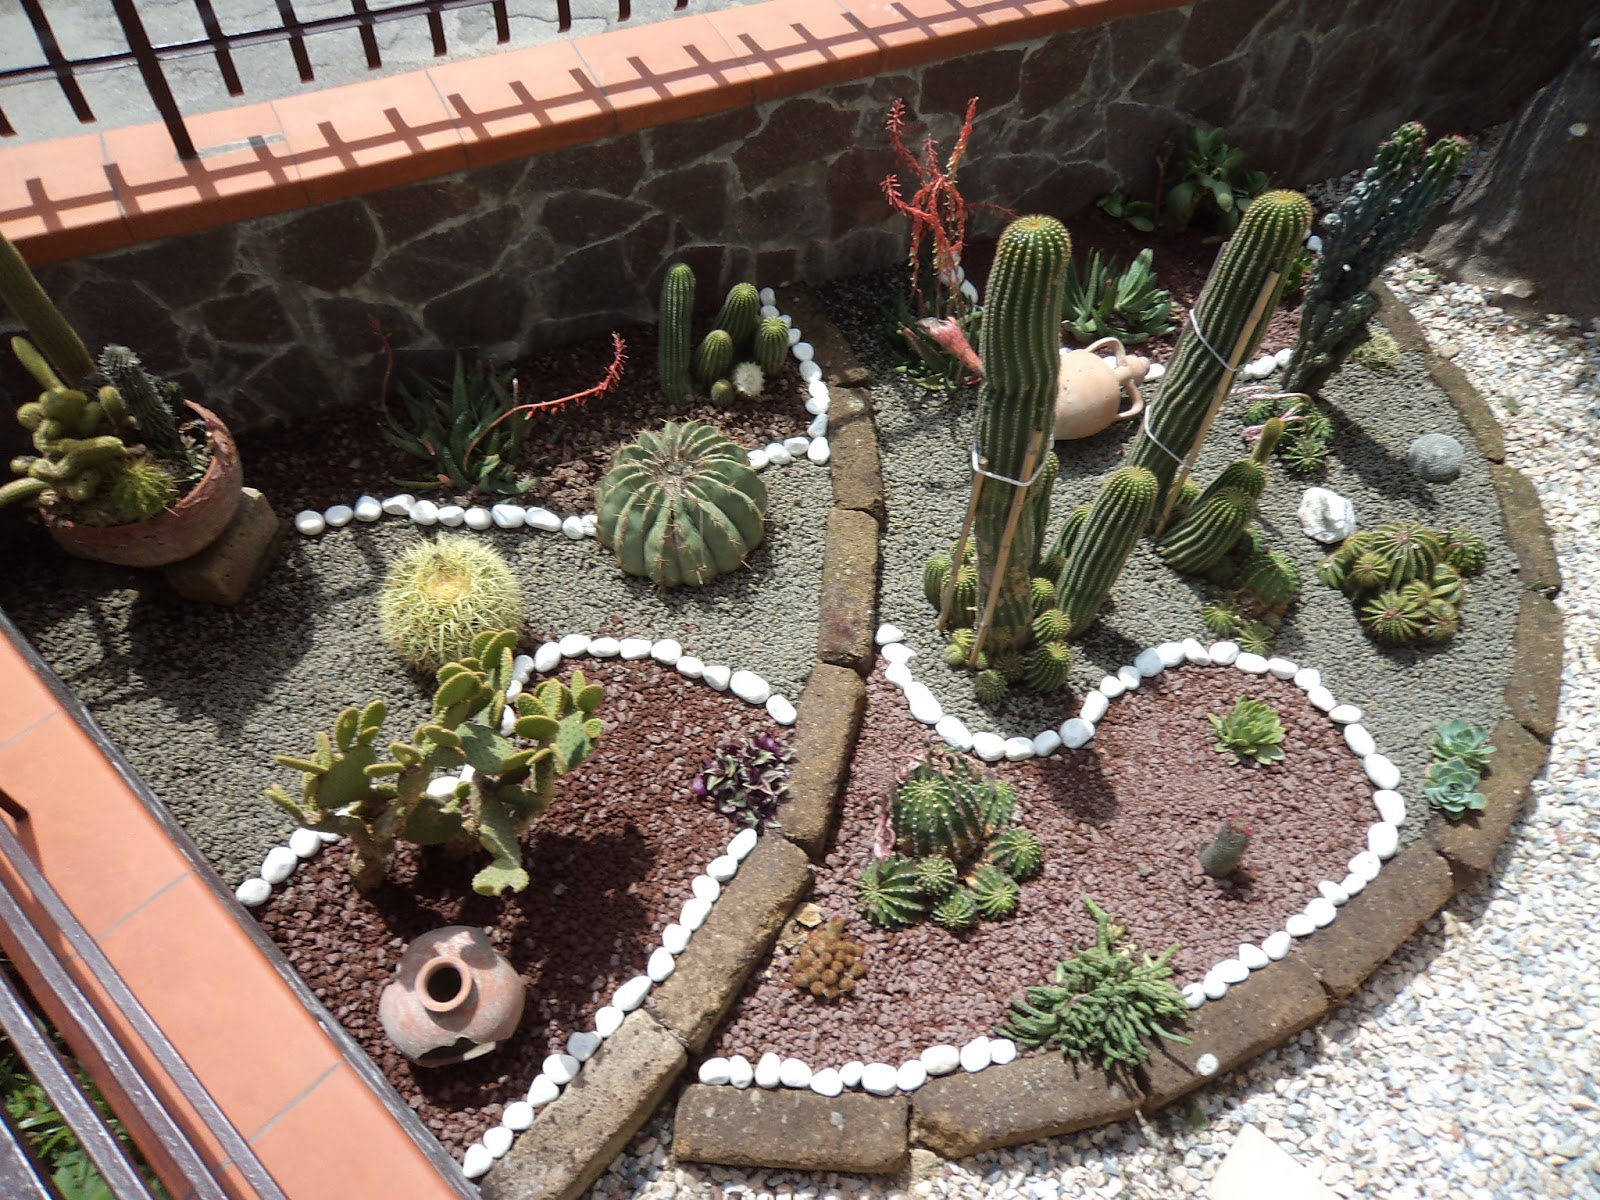 I giardini di carlo e letizia giardino di piante grasse - Giardino con sassi bianchi ...